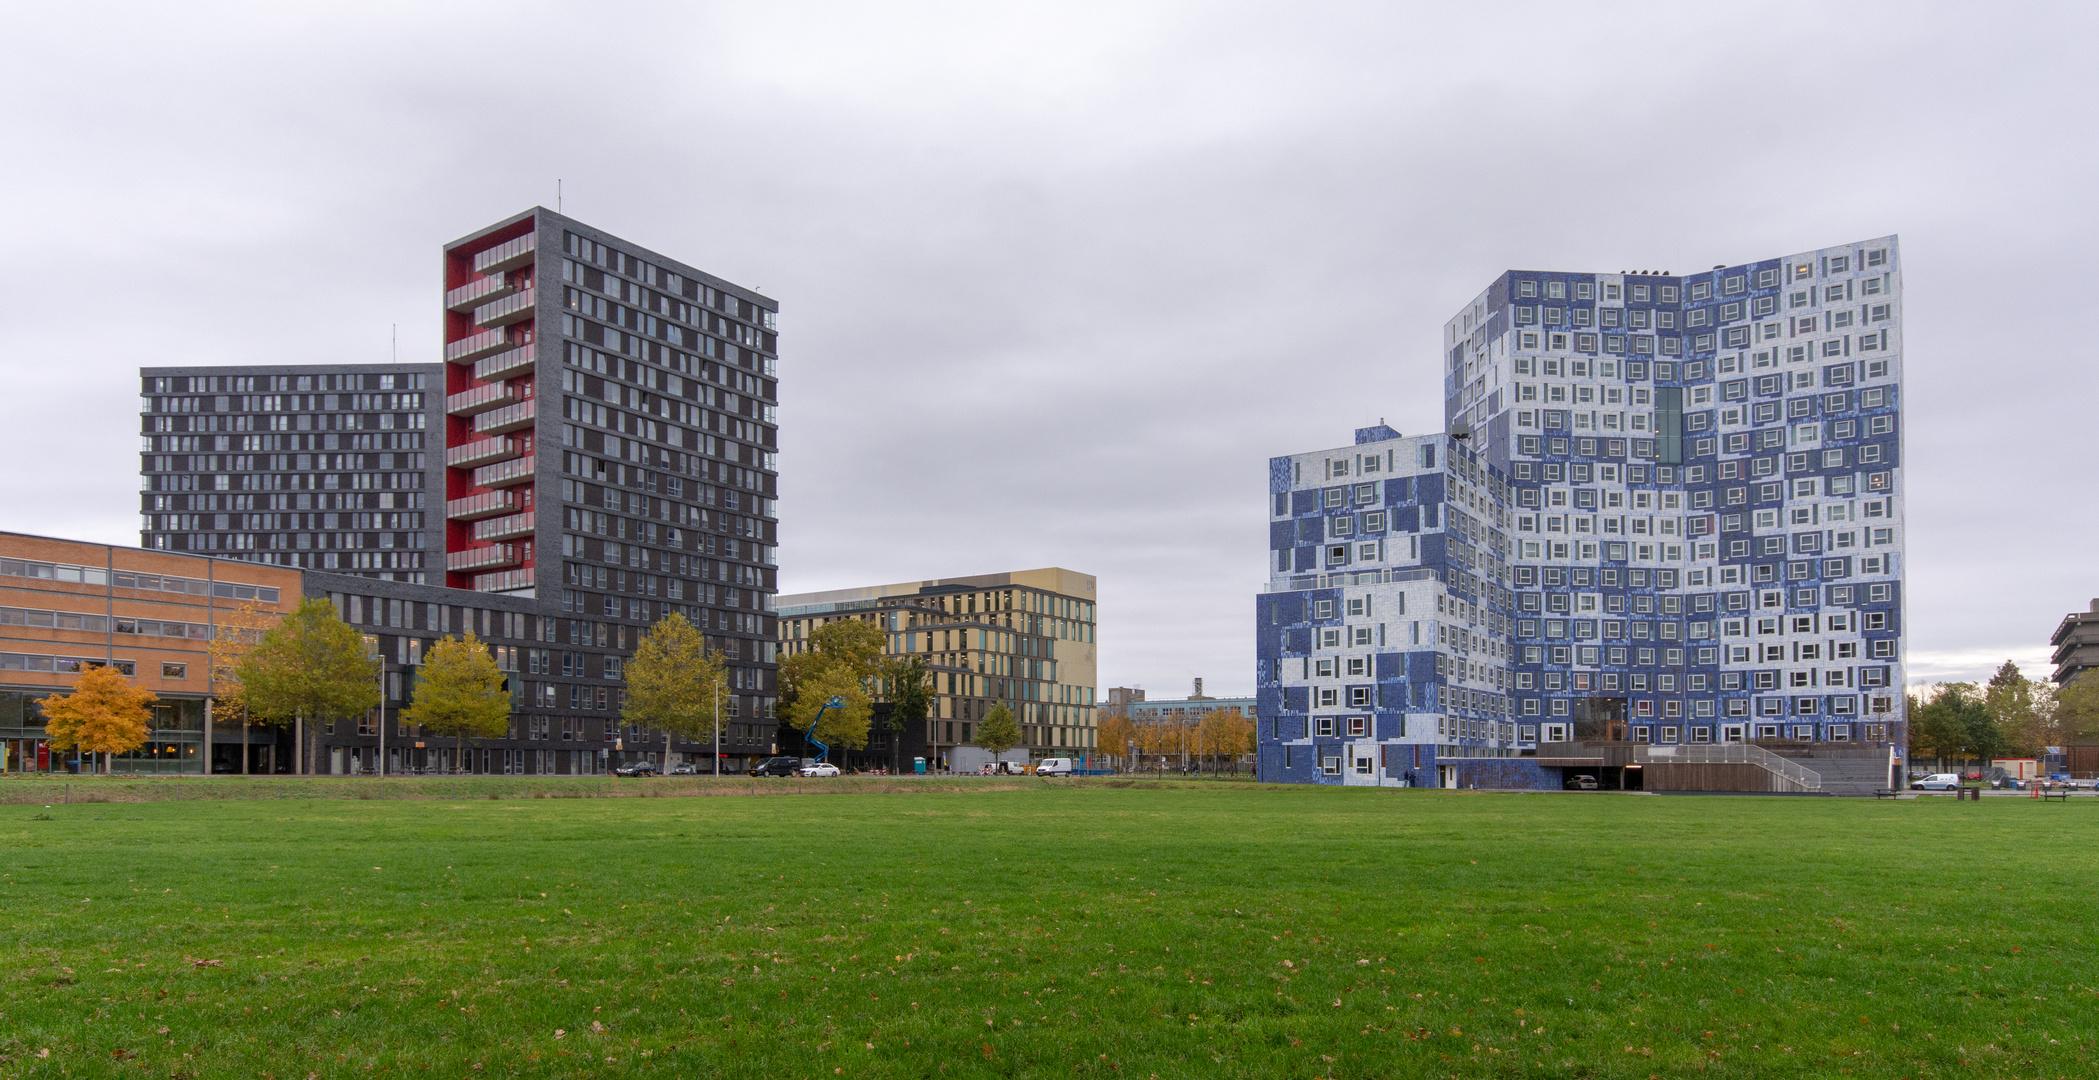 Utrecht Uithof - Cambridgelaan - 01